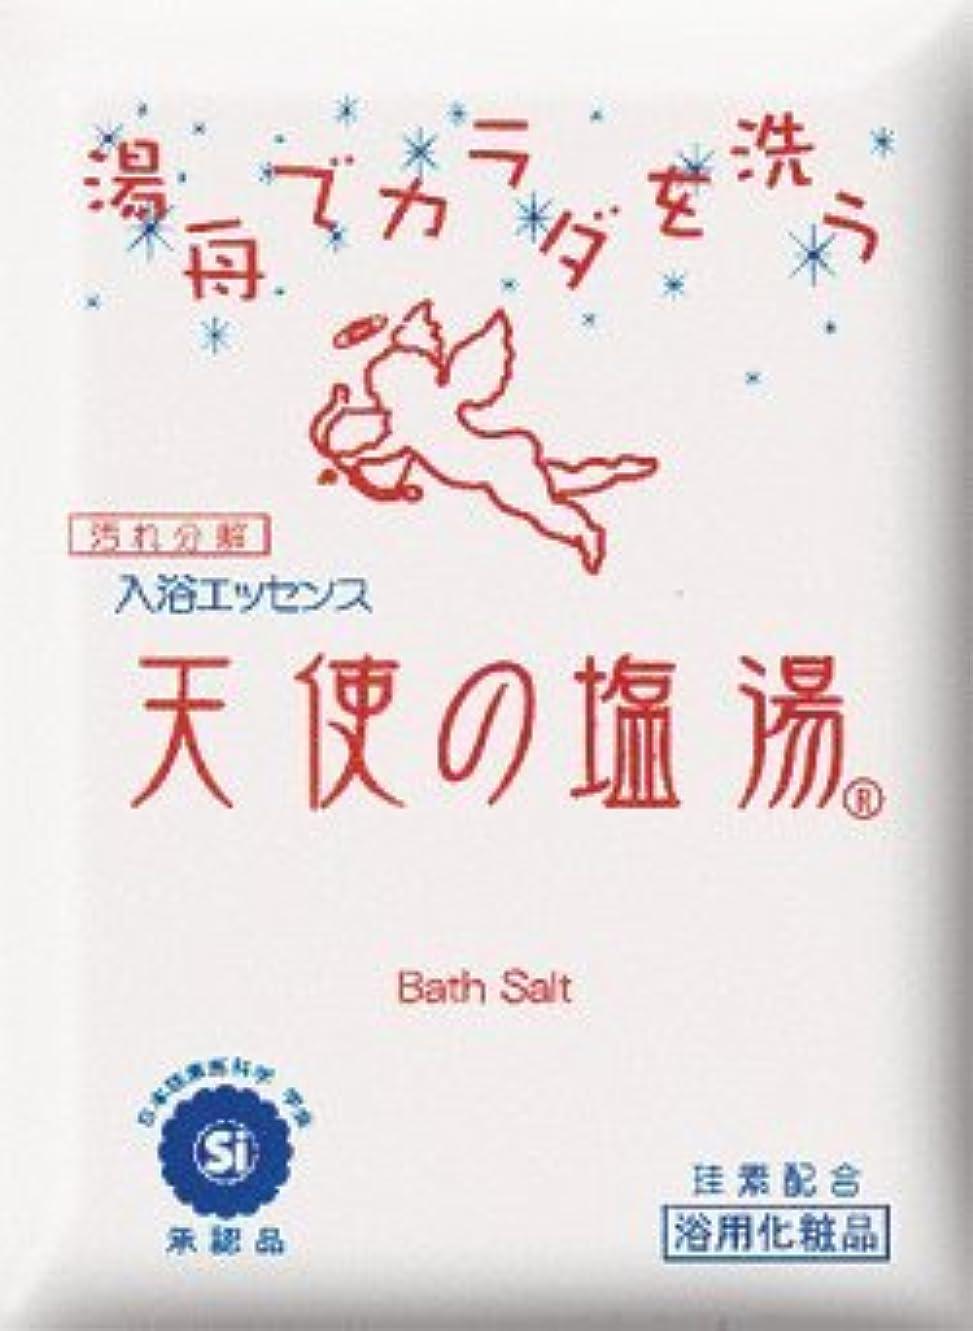 世論調査クリーク関税天使の塩湯 (70g×20袋) ※浴槽でカラダを洗う!入浴エッセンス!